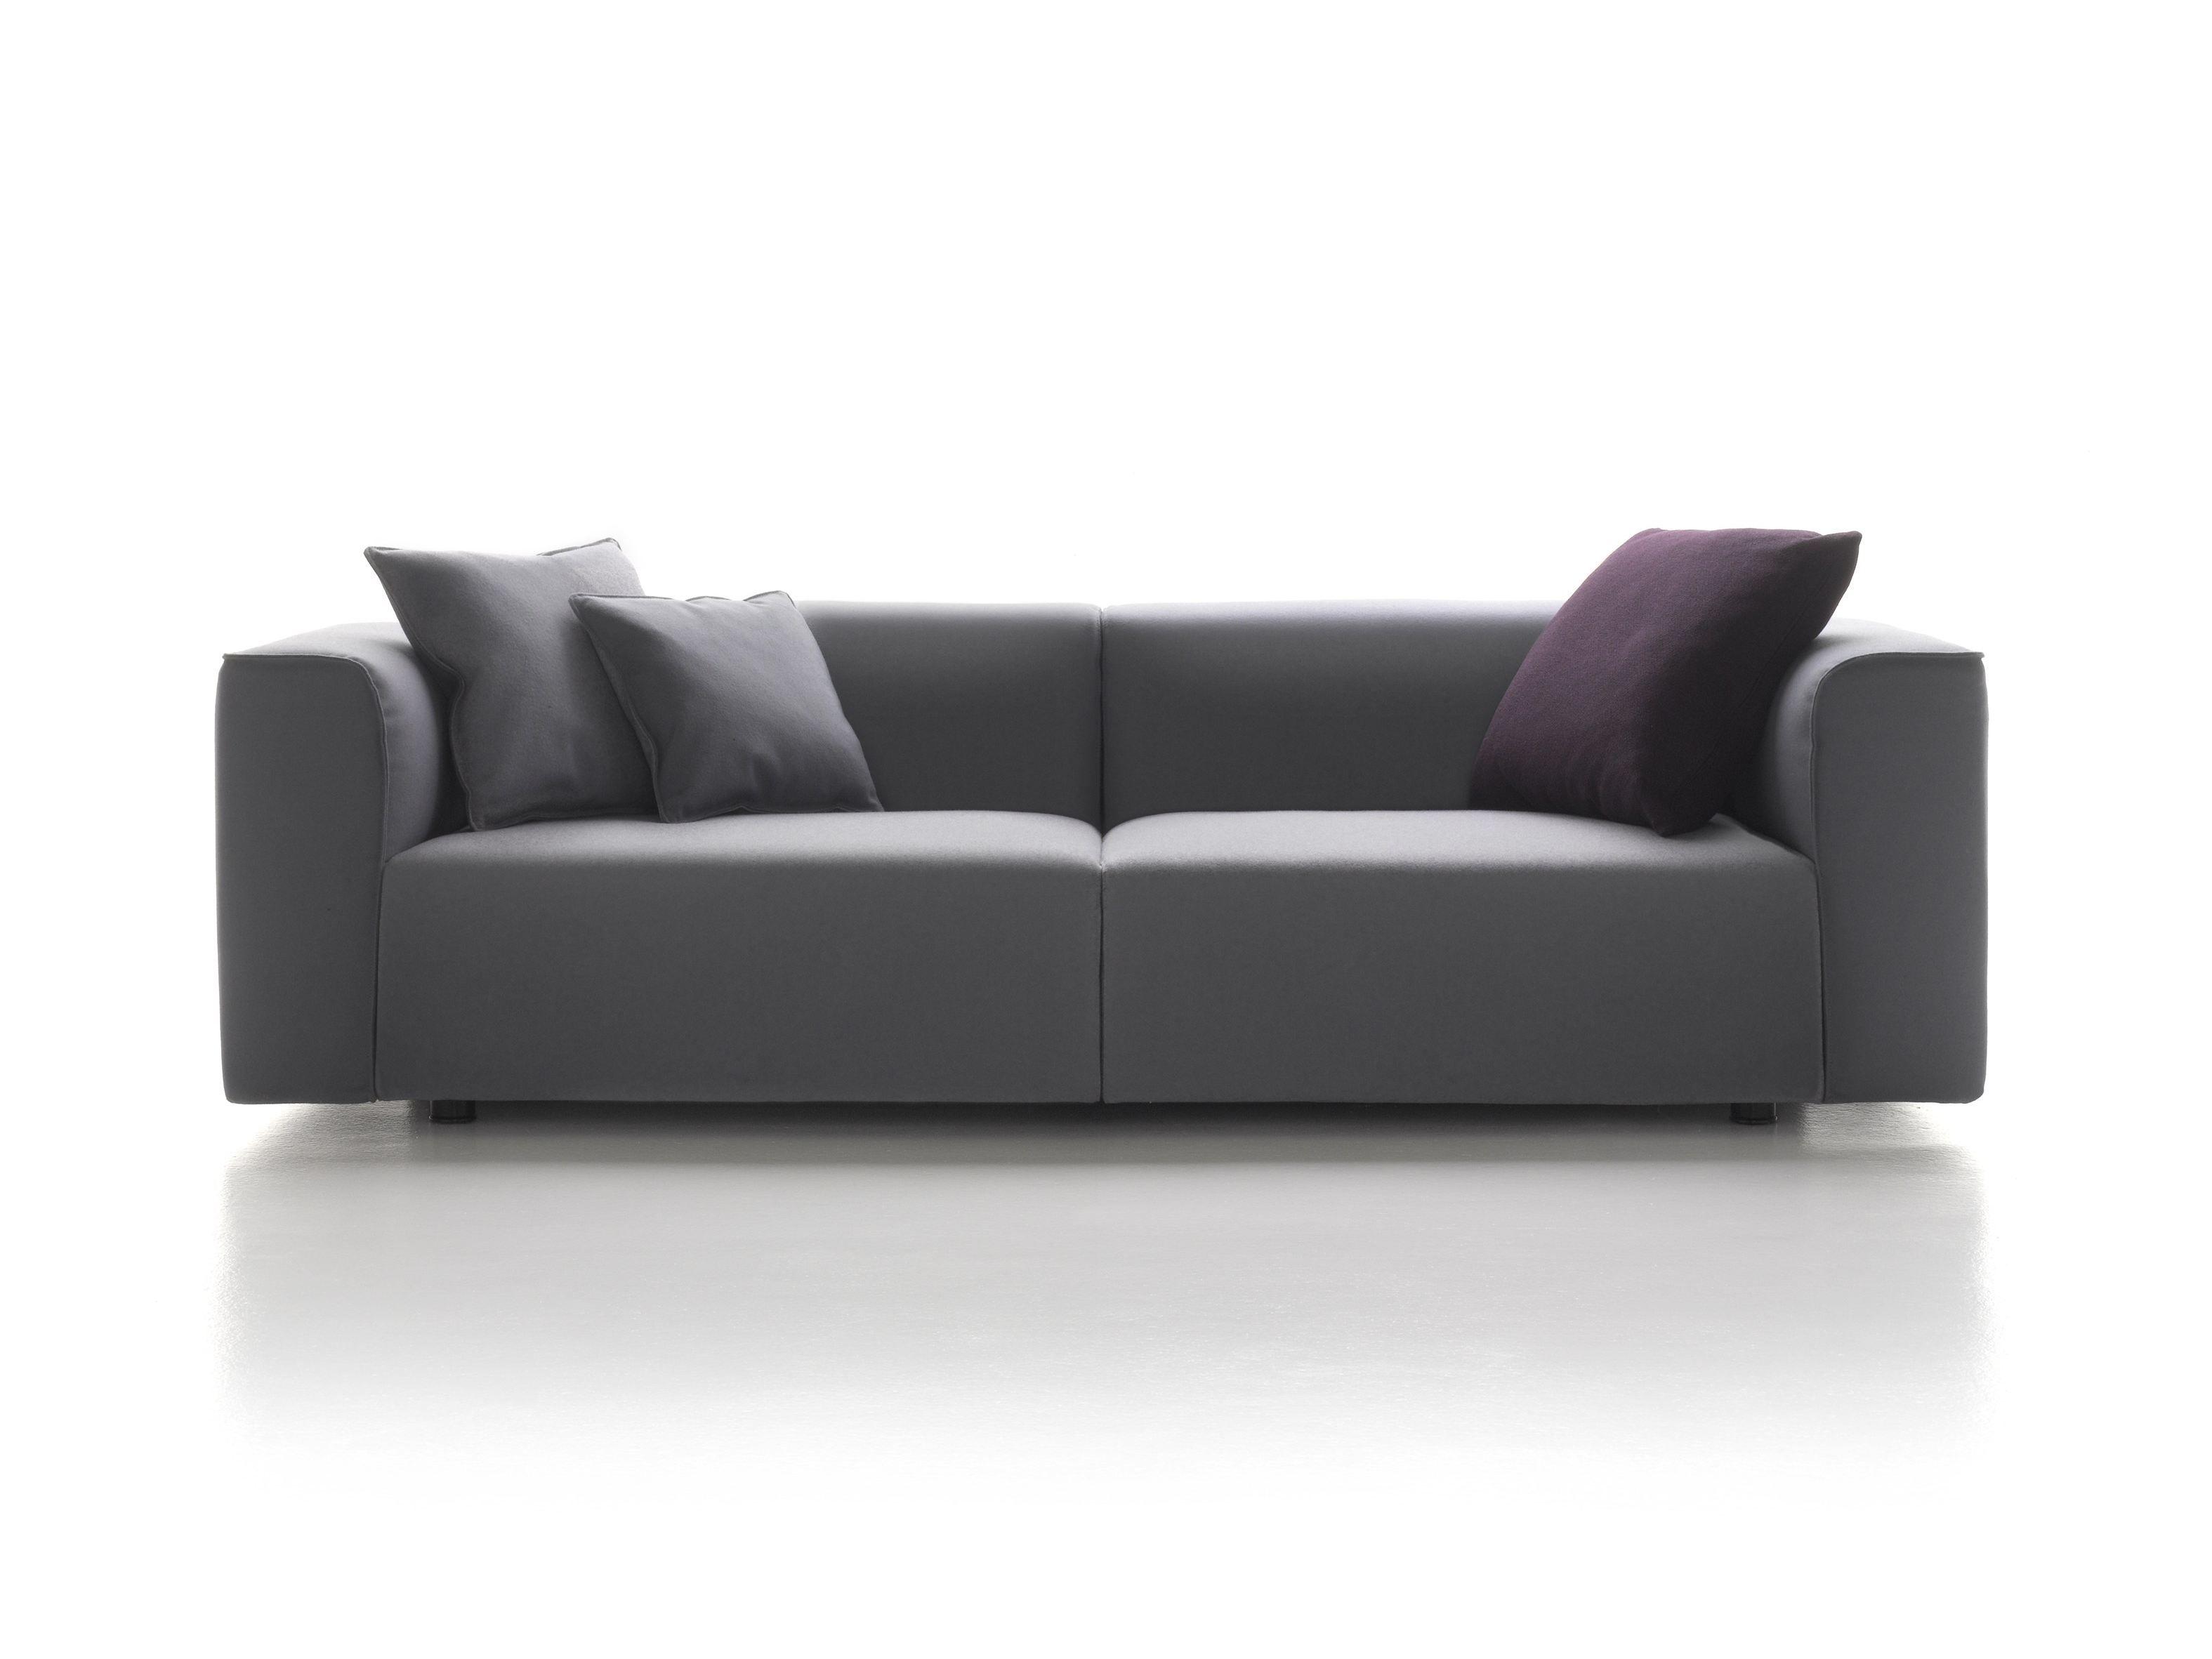 Mate 2012 divano by mdf italia design robin rizzini for Divano sfoderabile